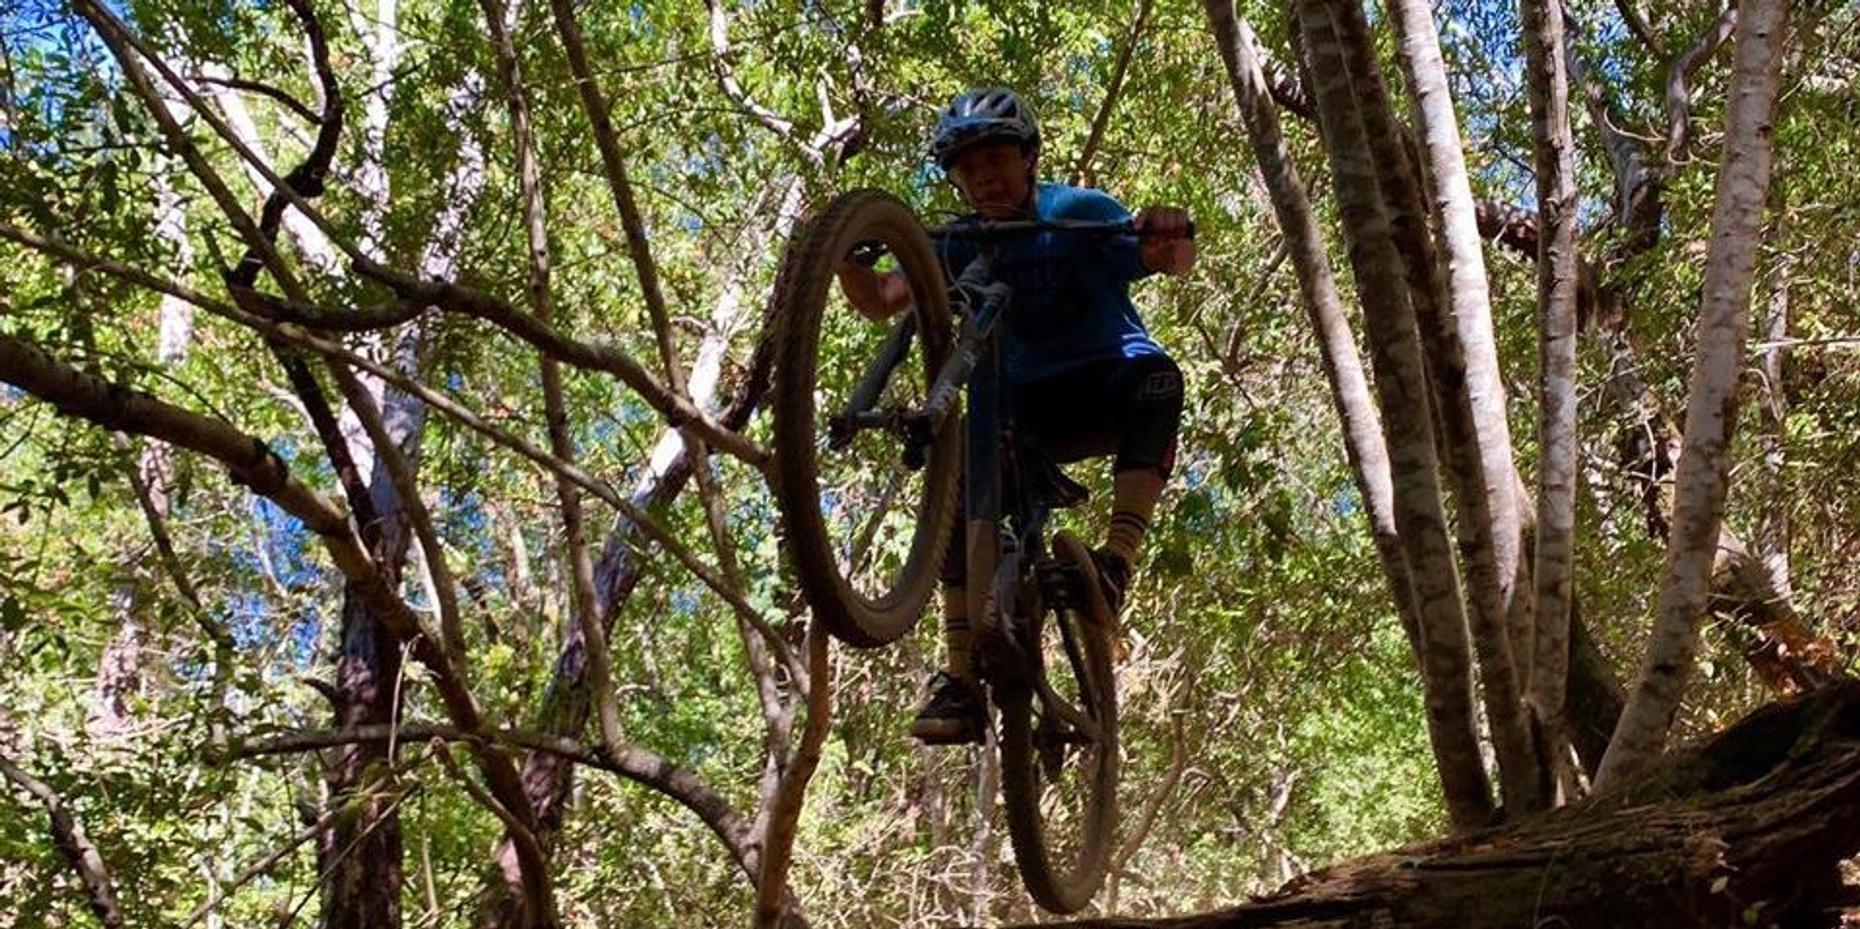 Hybrid Bike Rental in Sanoma County